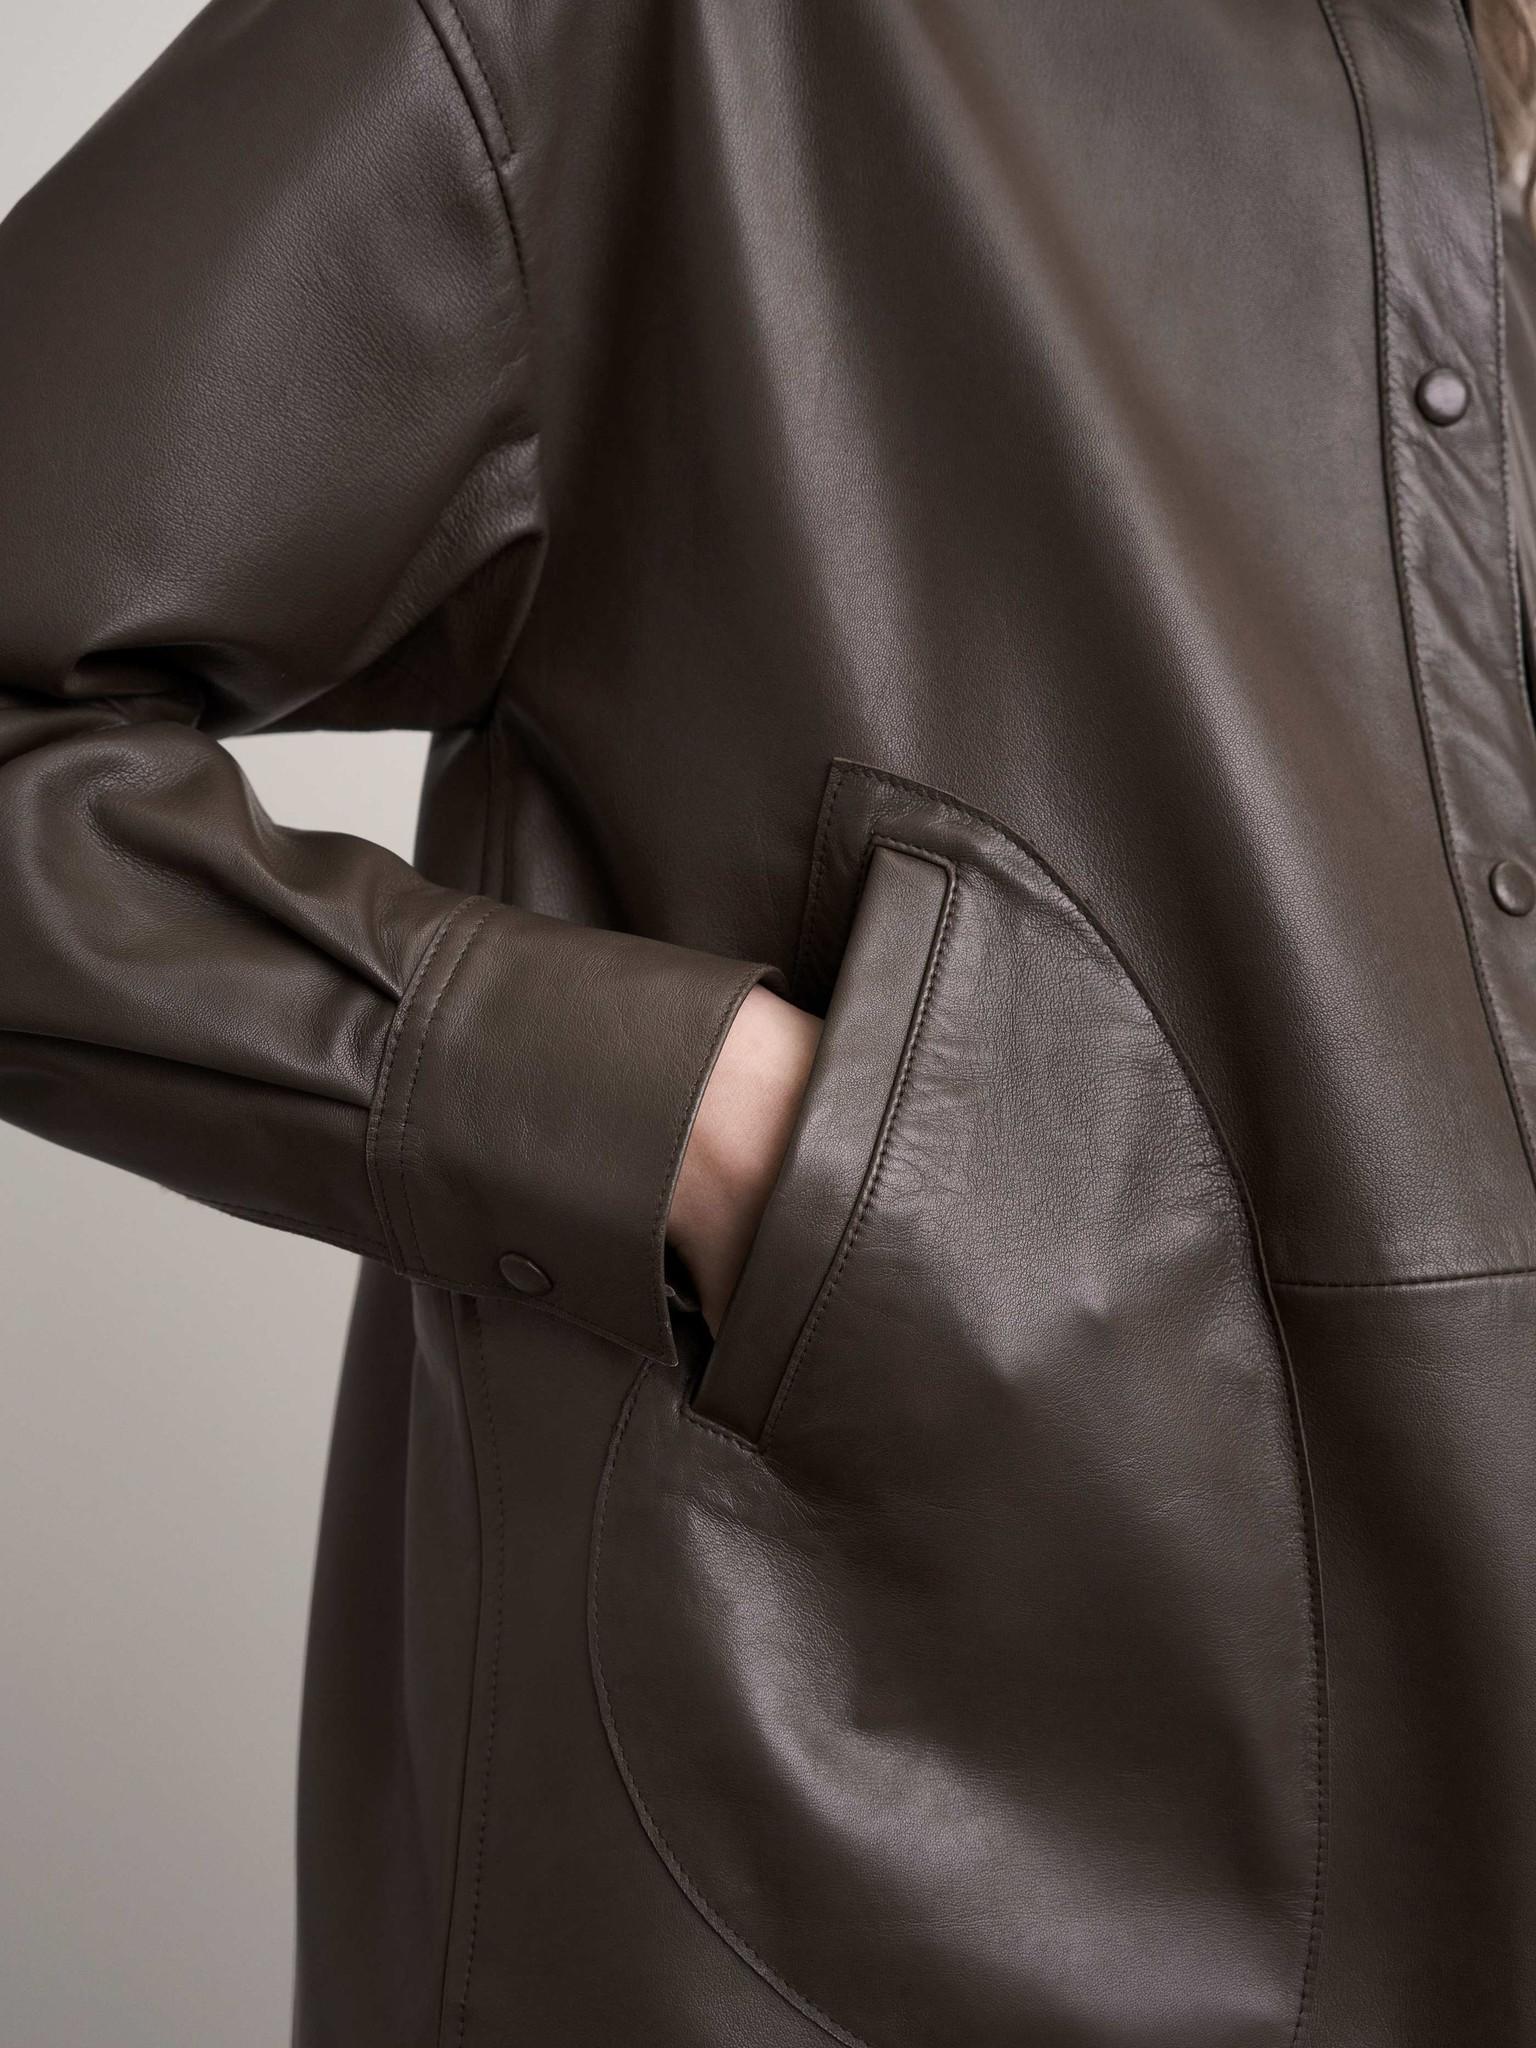 Kinna Leather Shirt Turtle Brown-3